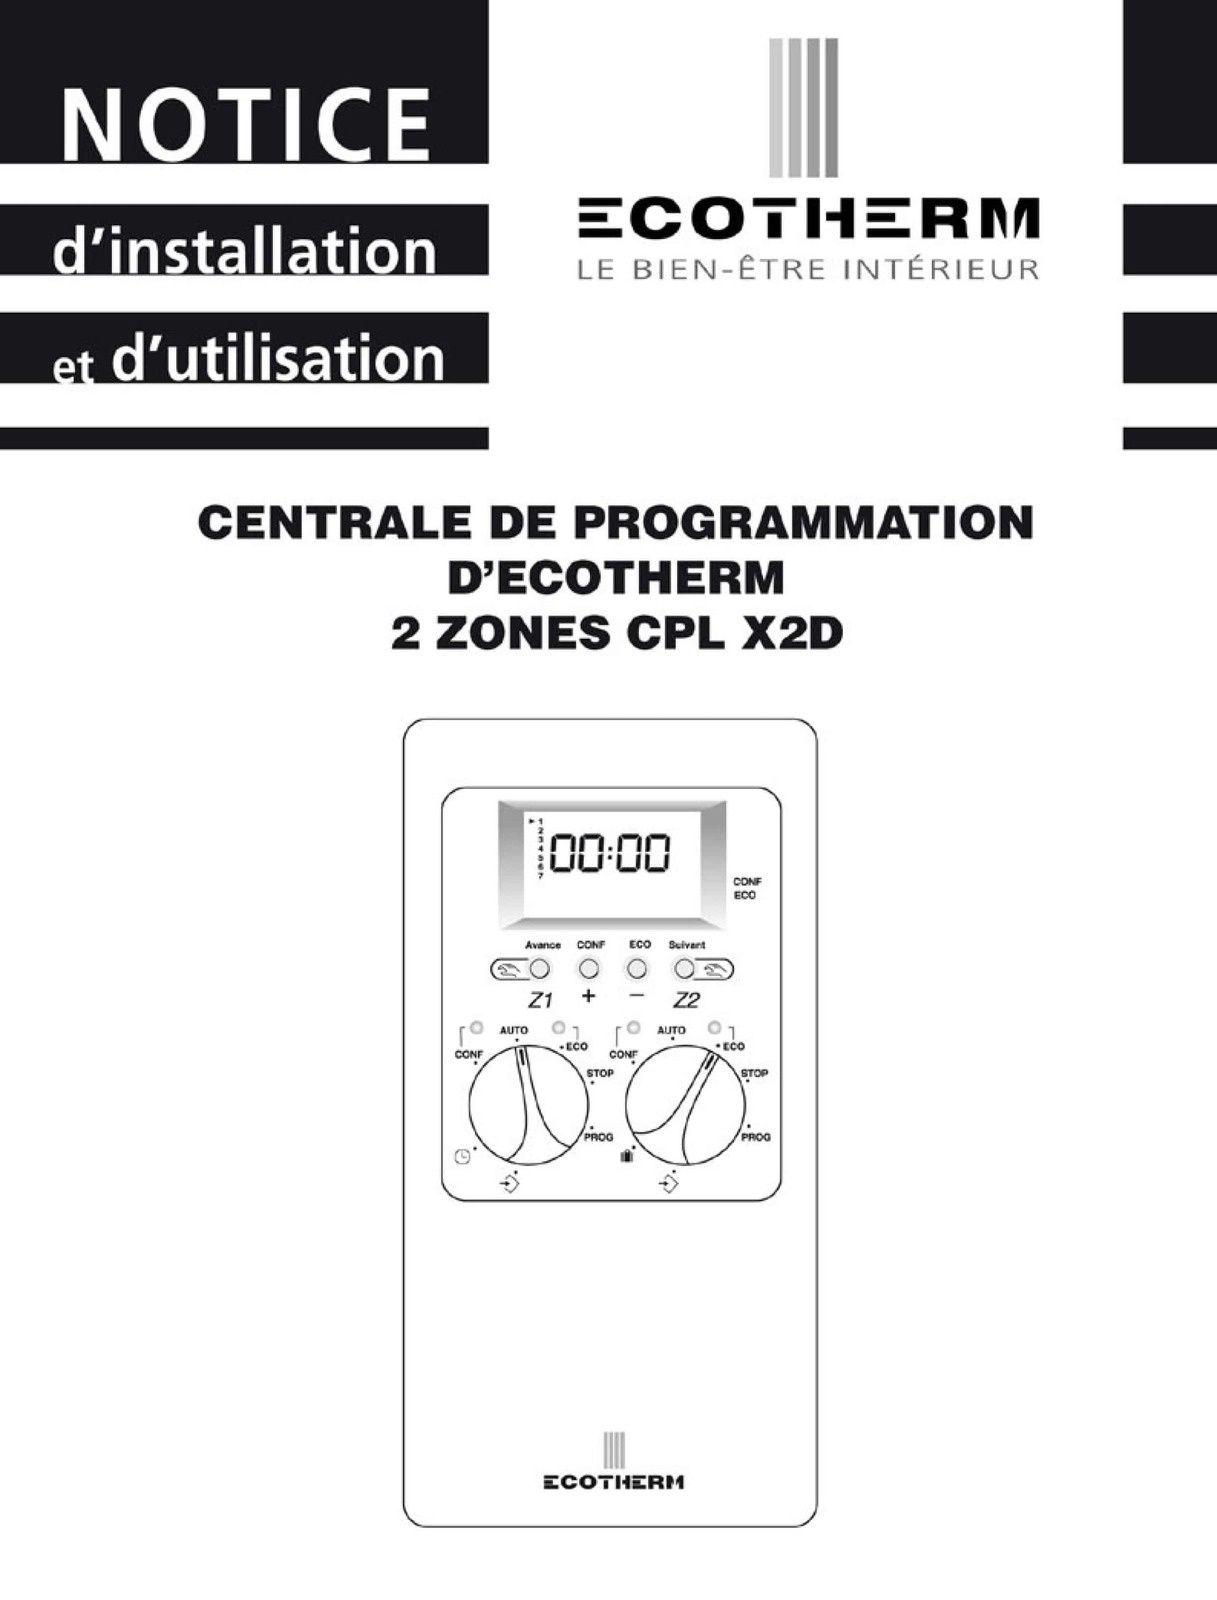 Notice centrale de programmation ecotherm cpl x2d